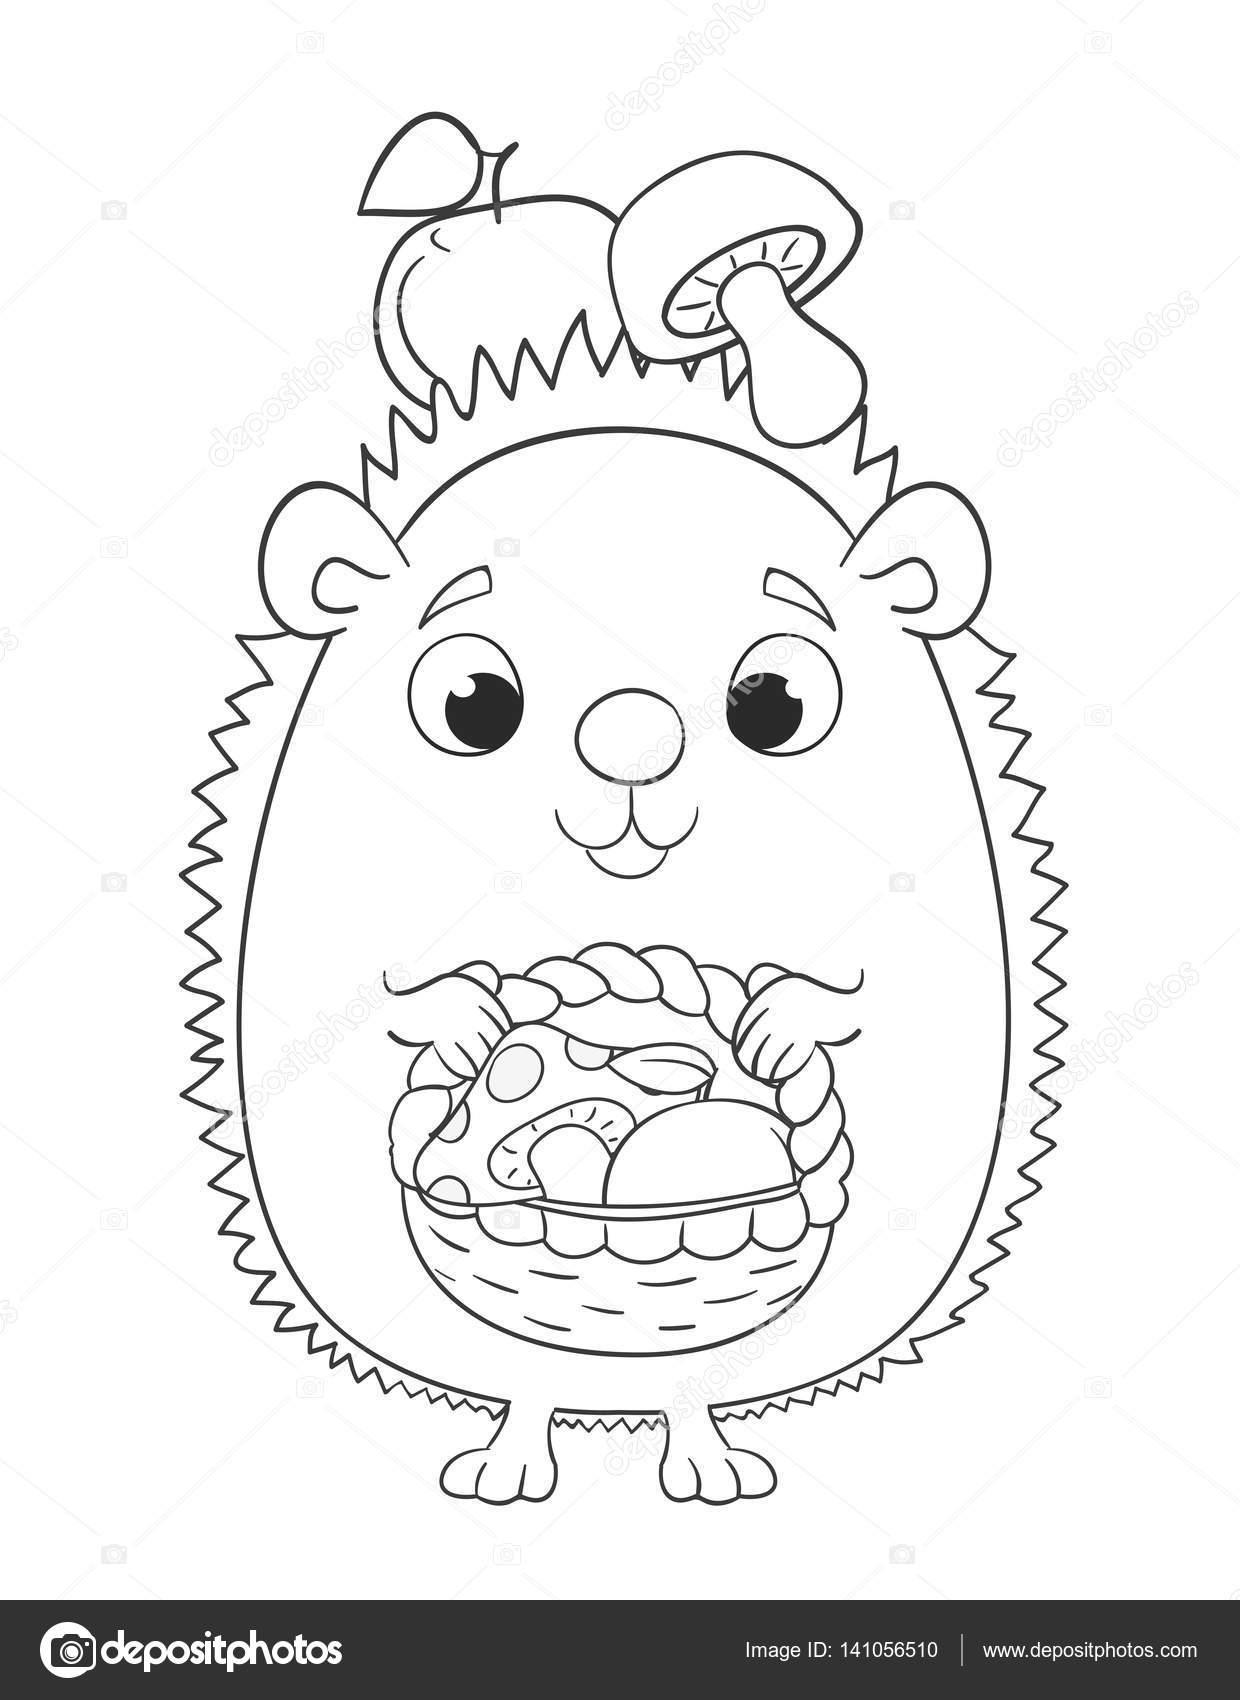 Erizo de dibujos animados lindo con cesta, manzana y setas. Colorin ...